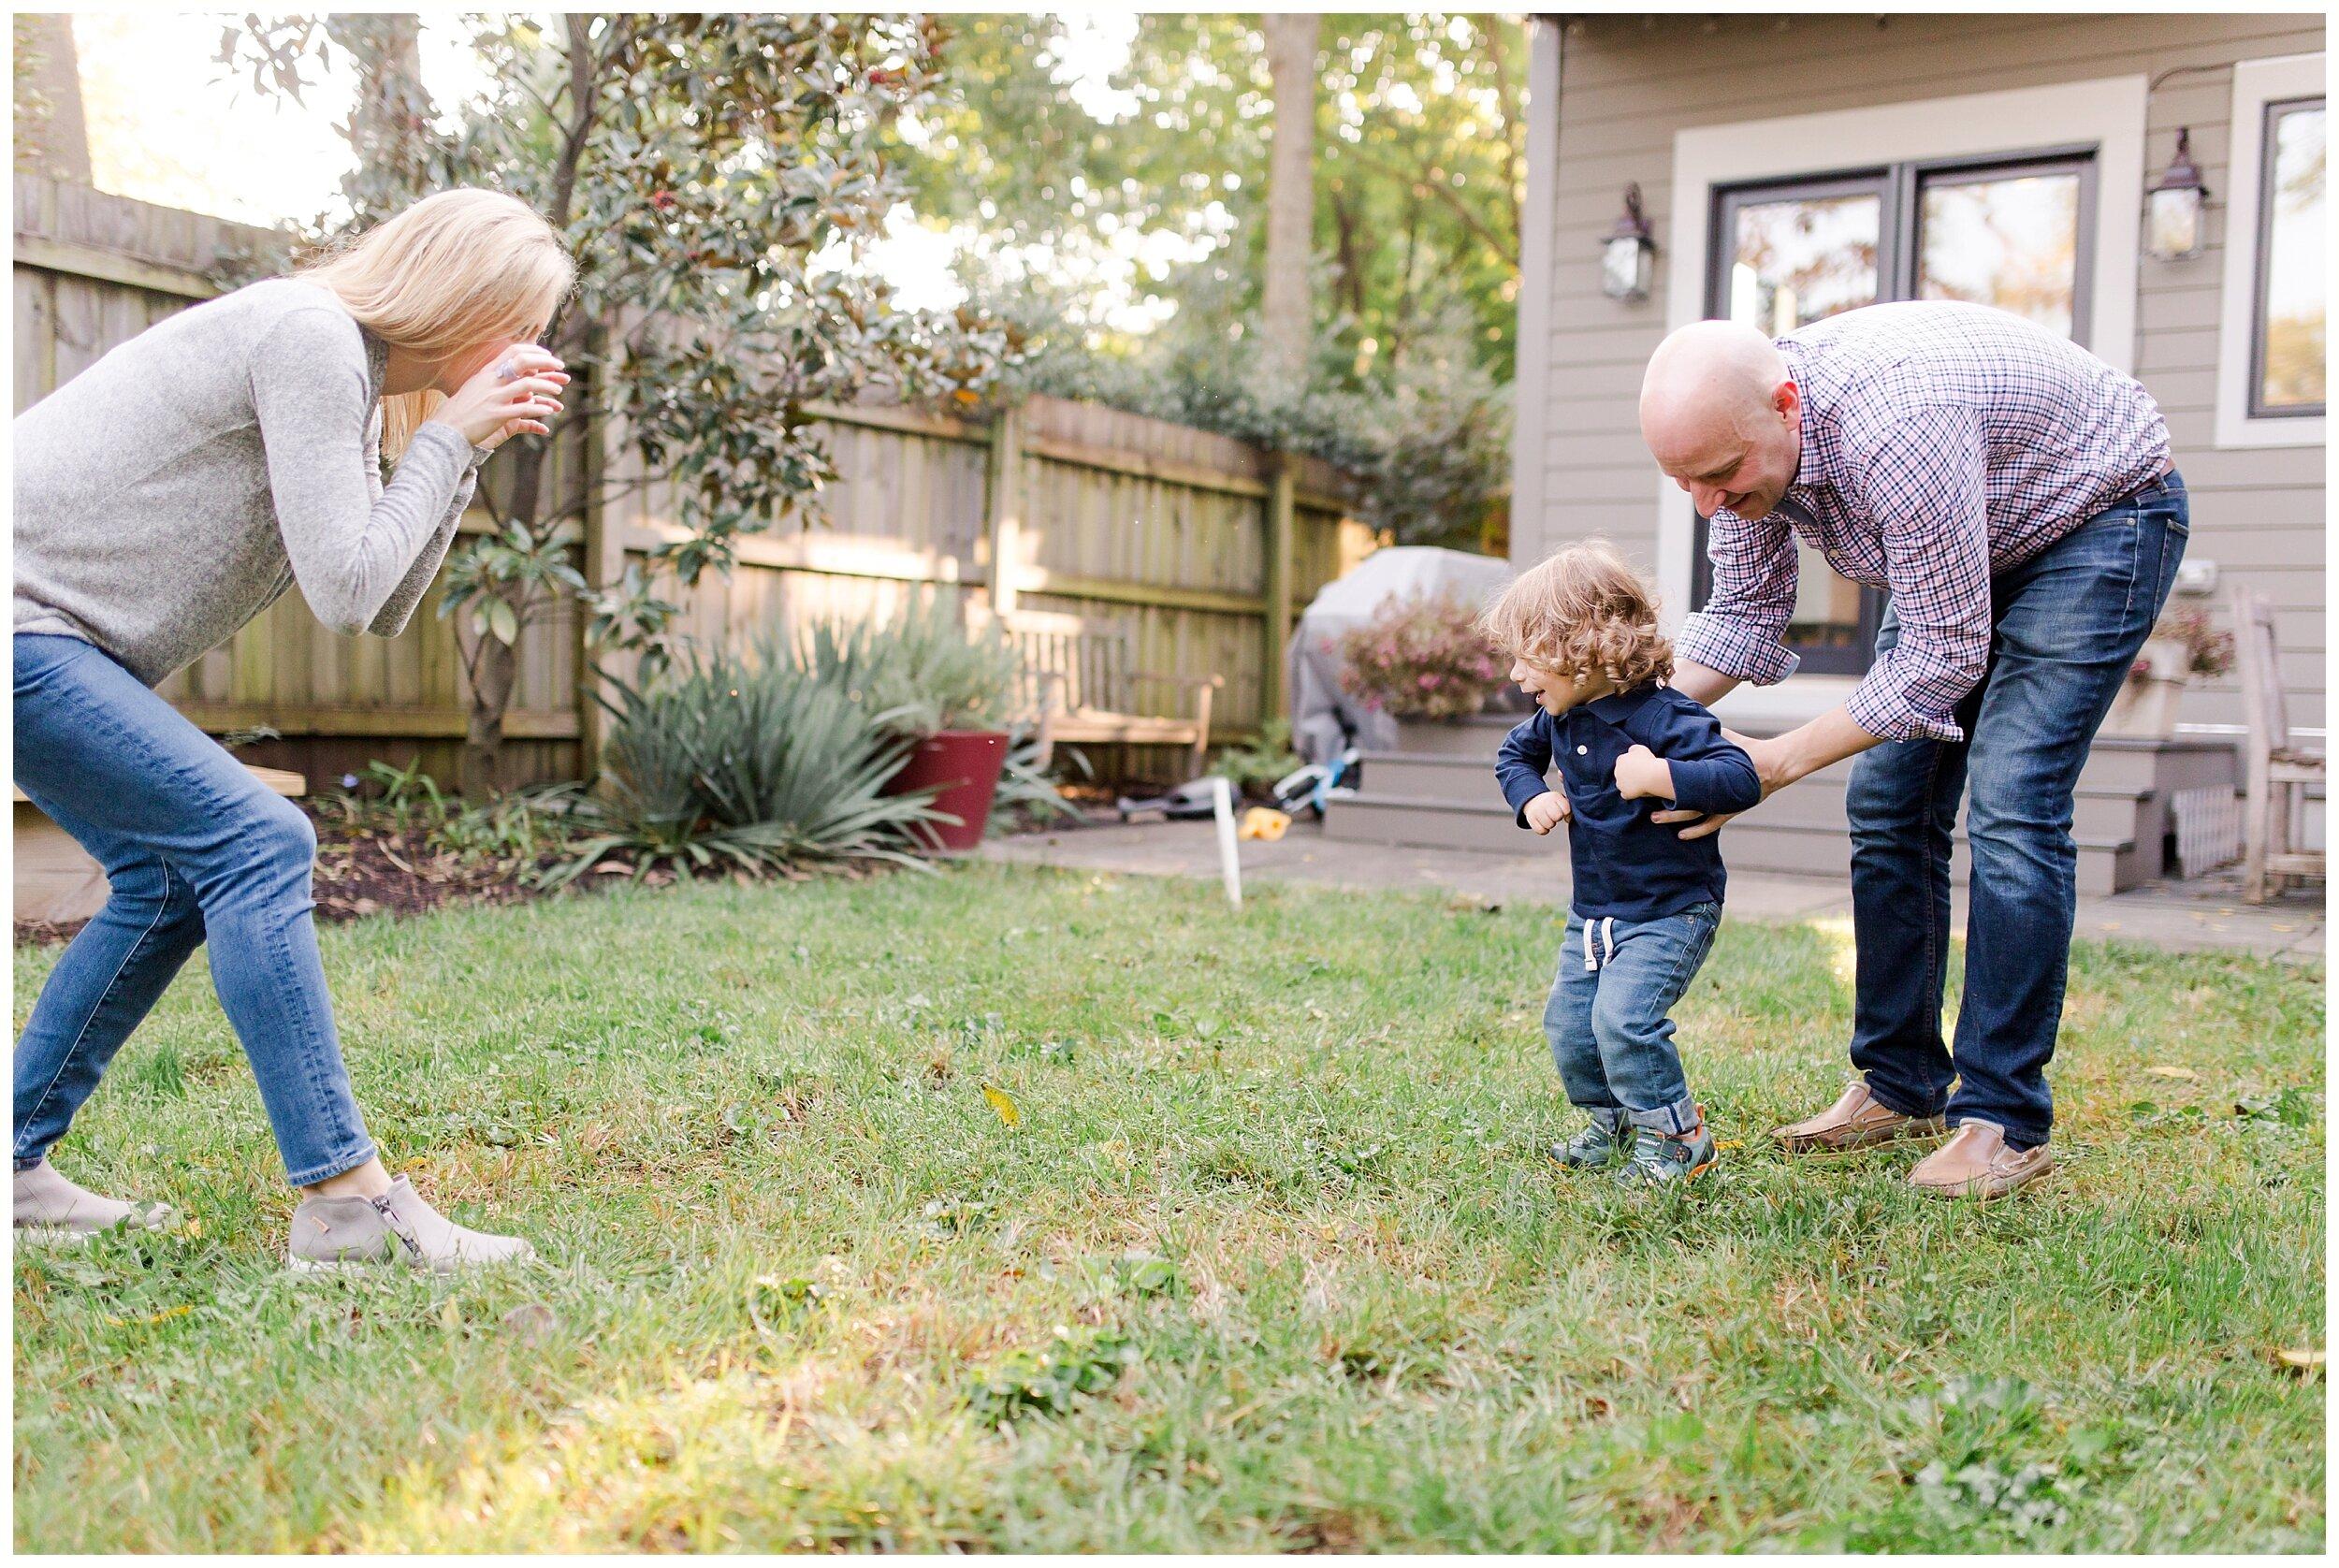 lexington-ky-family-lifestyle-photos-by-priscilla-baierlein_1064.jpg